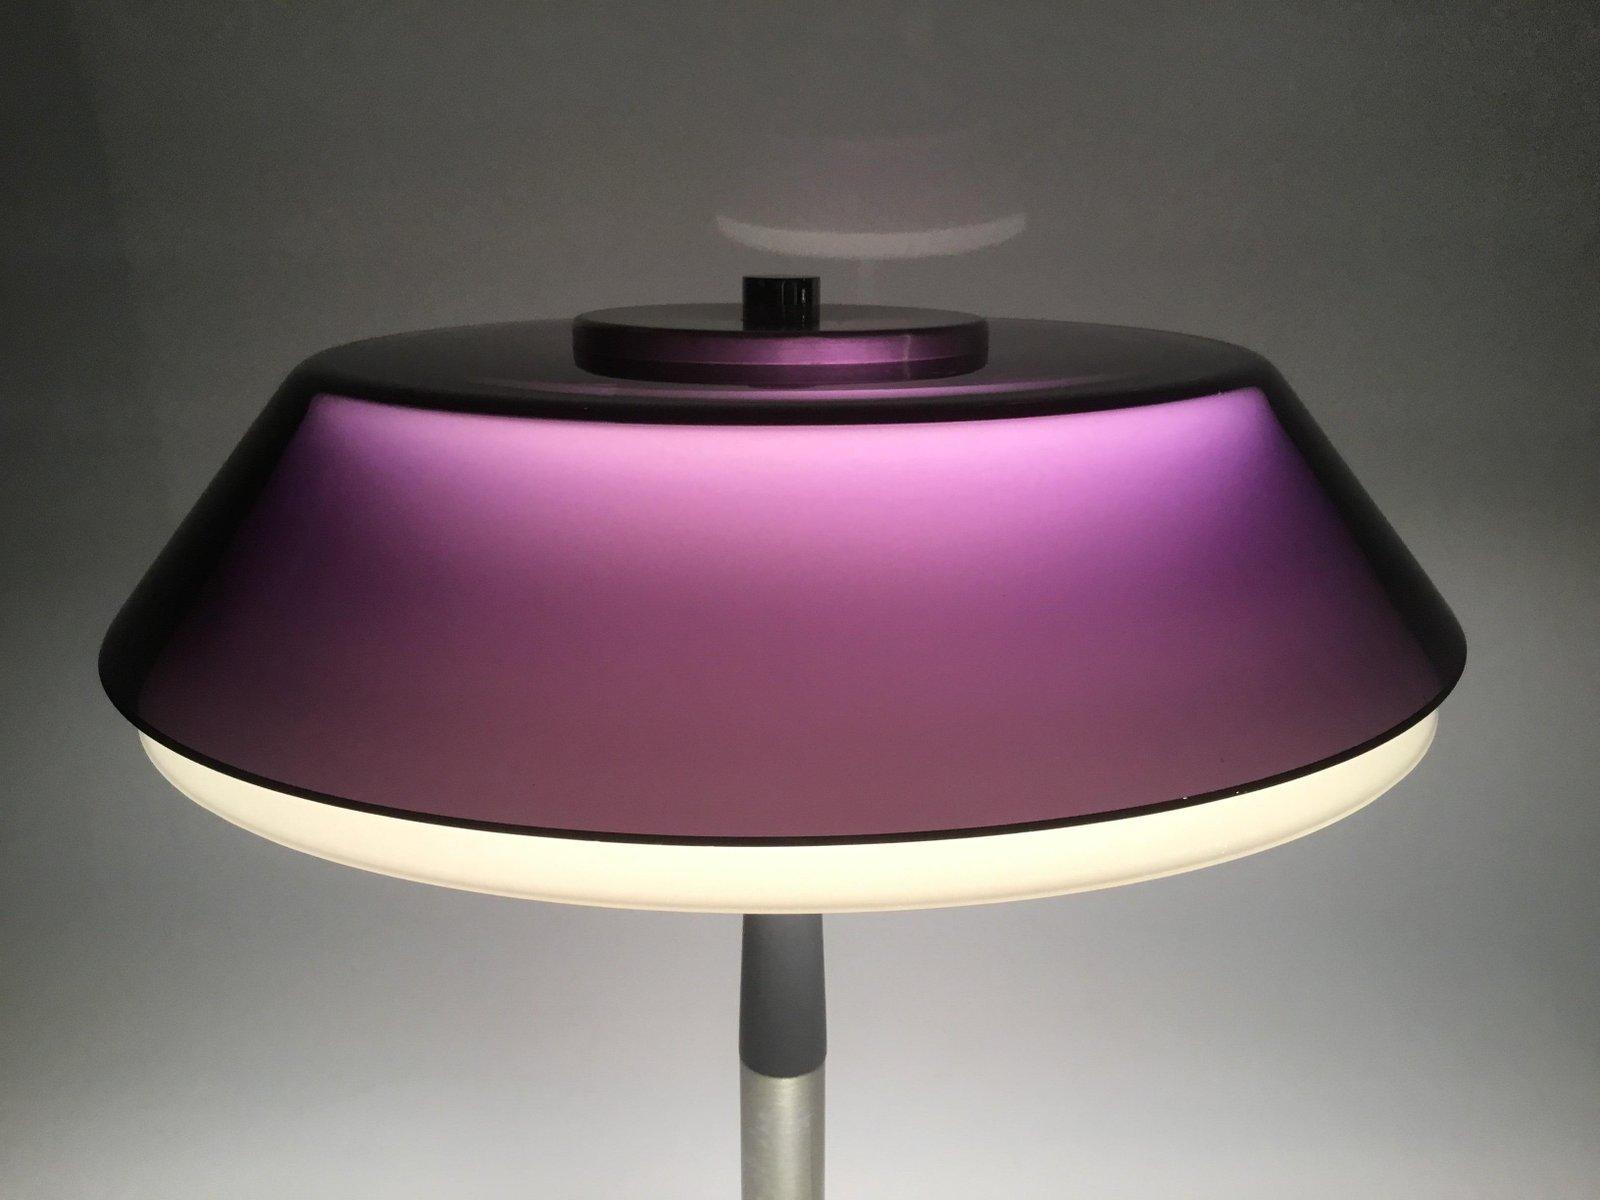 Lampada Scrivania Viola : Lampade da scrivania viola: lampade da scrivania viola facciamo luce